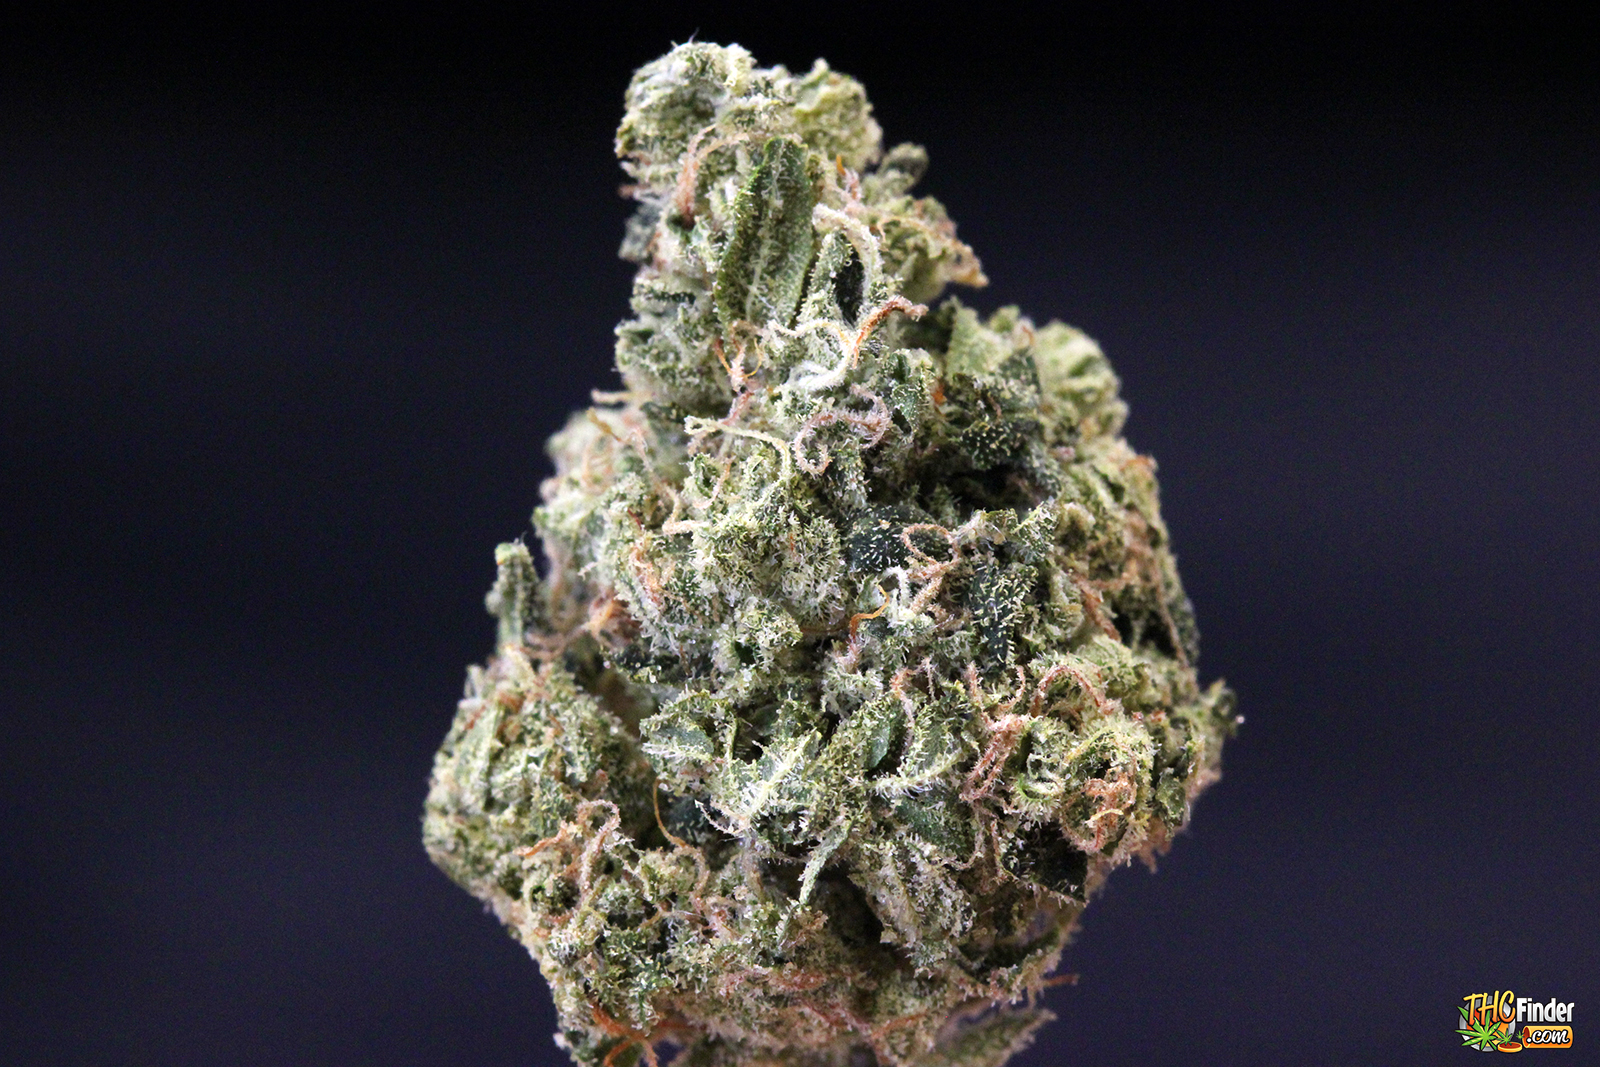 ferrari-og-weed